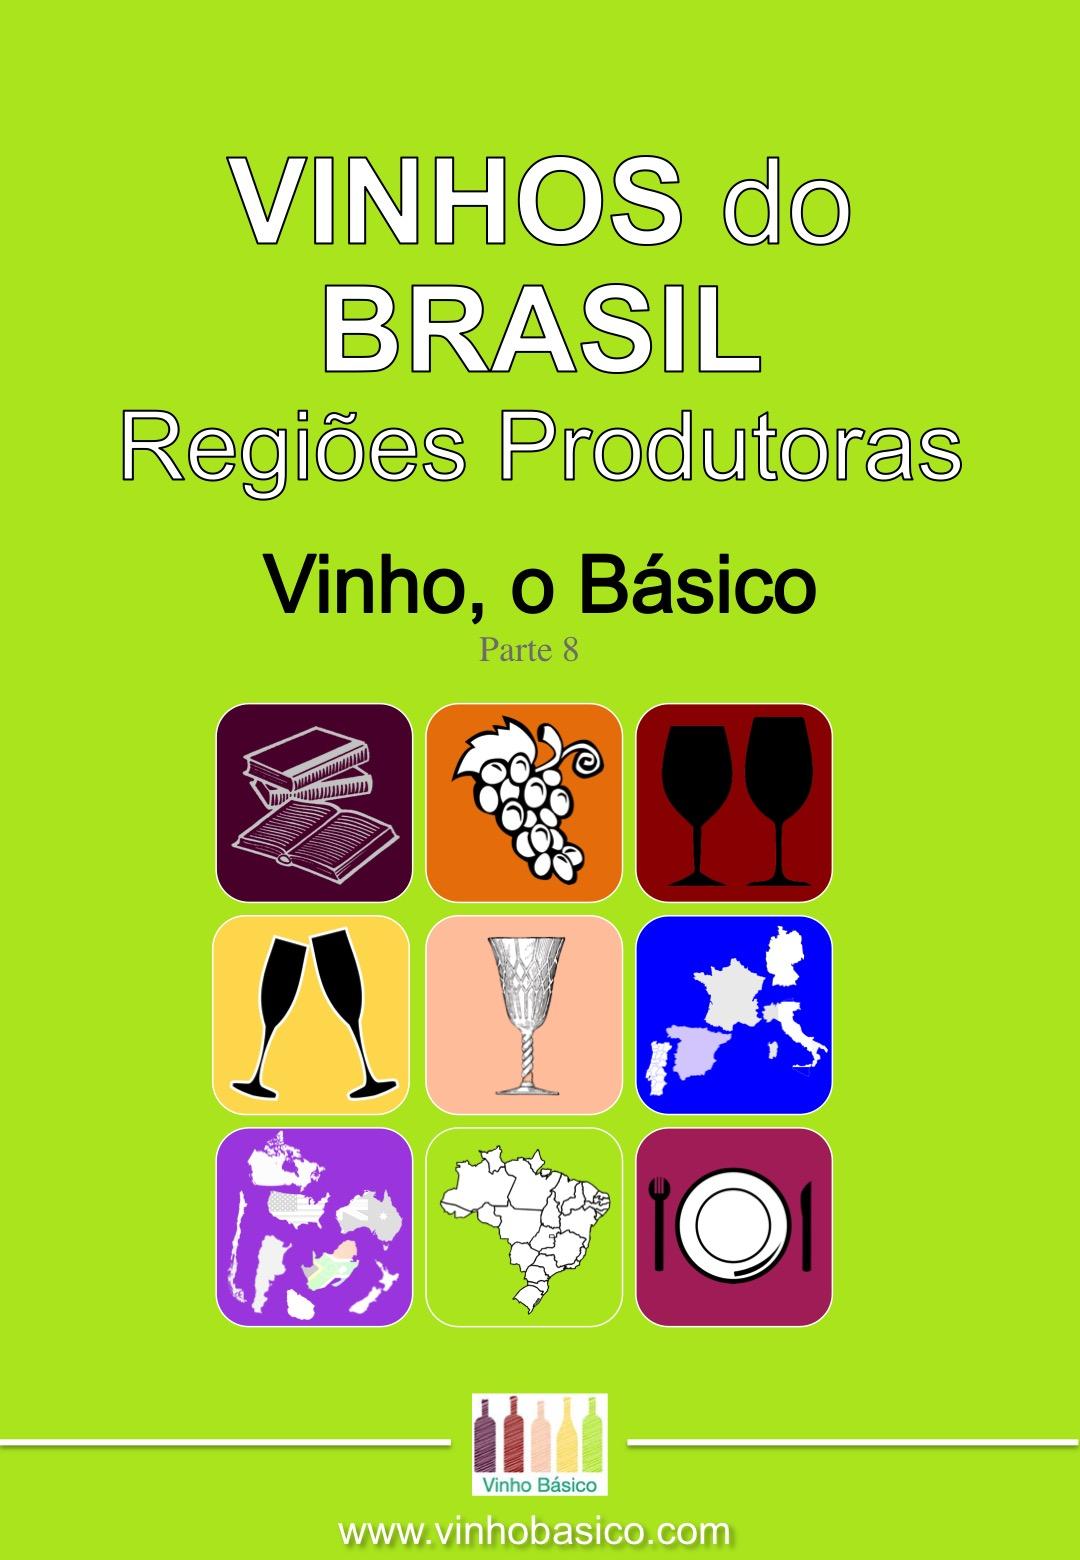 Capa Ebook Vinho o Basico 8 BRASIL